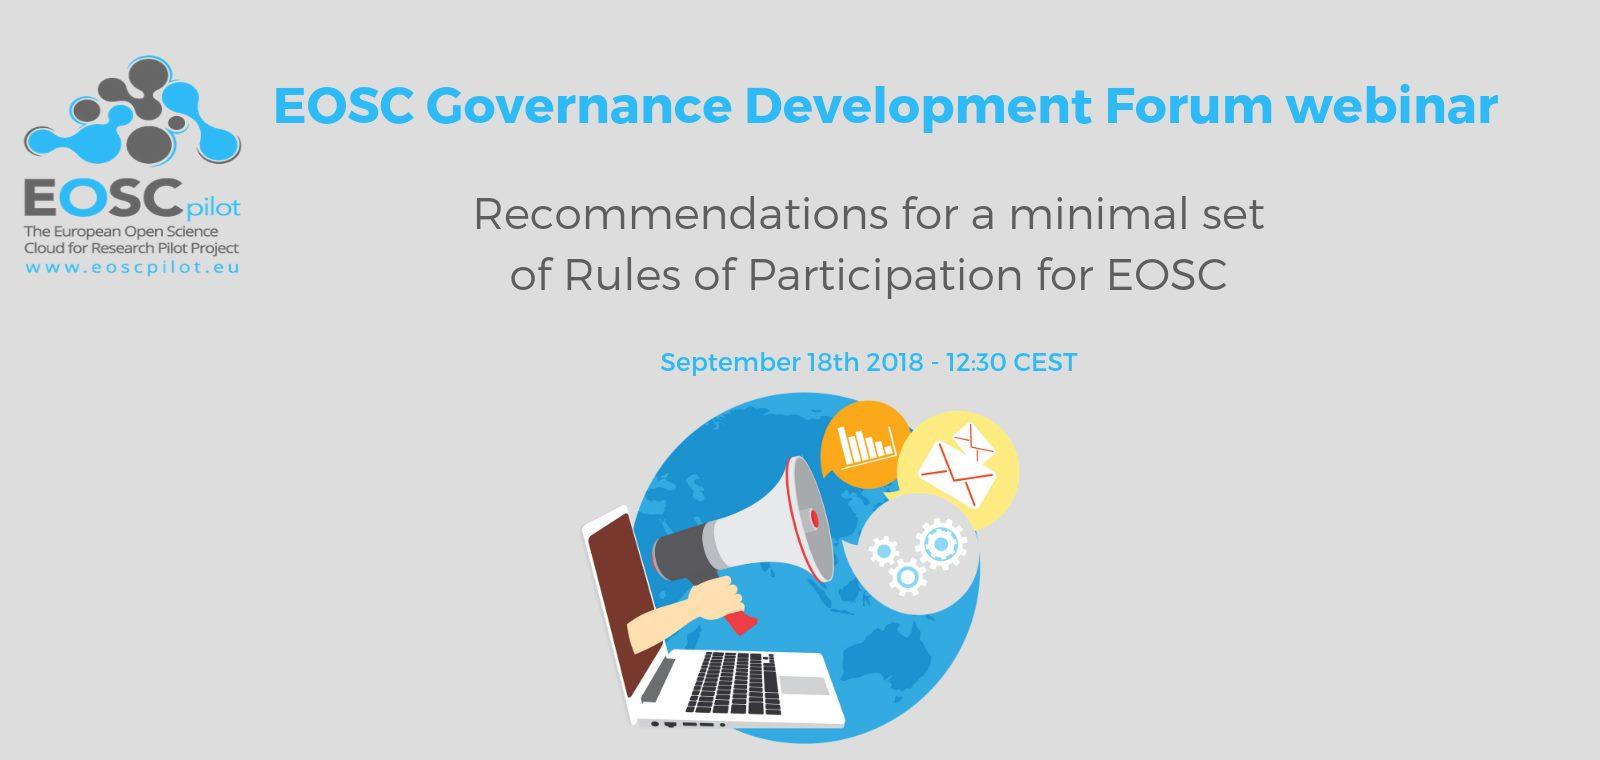 EOSC Governance Development Forum webinar – 18th September 2018